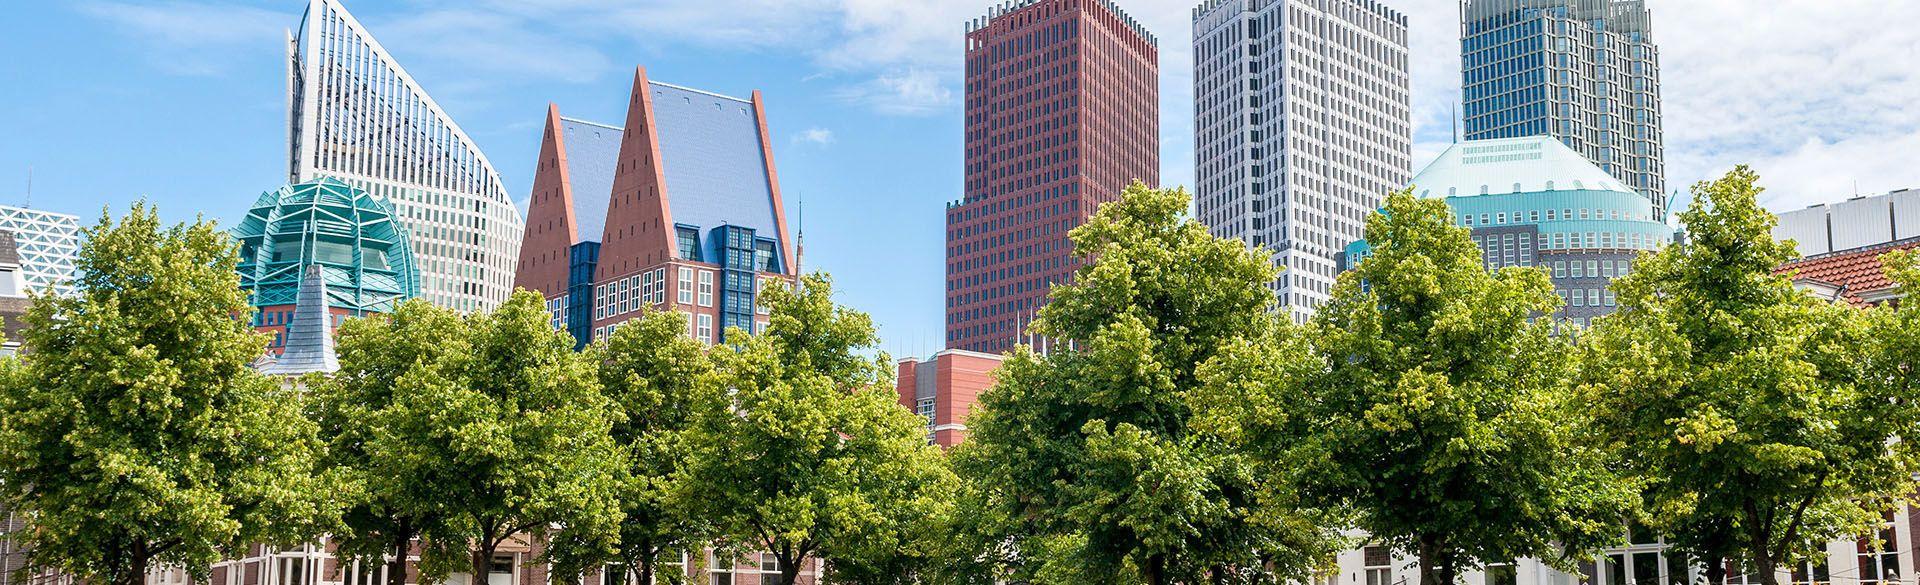 DOEN NVM Makelaars The Hague